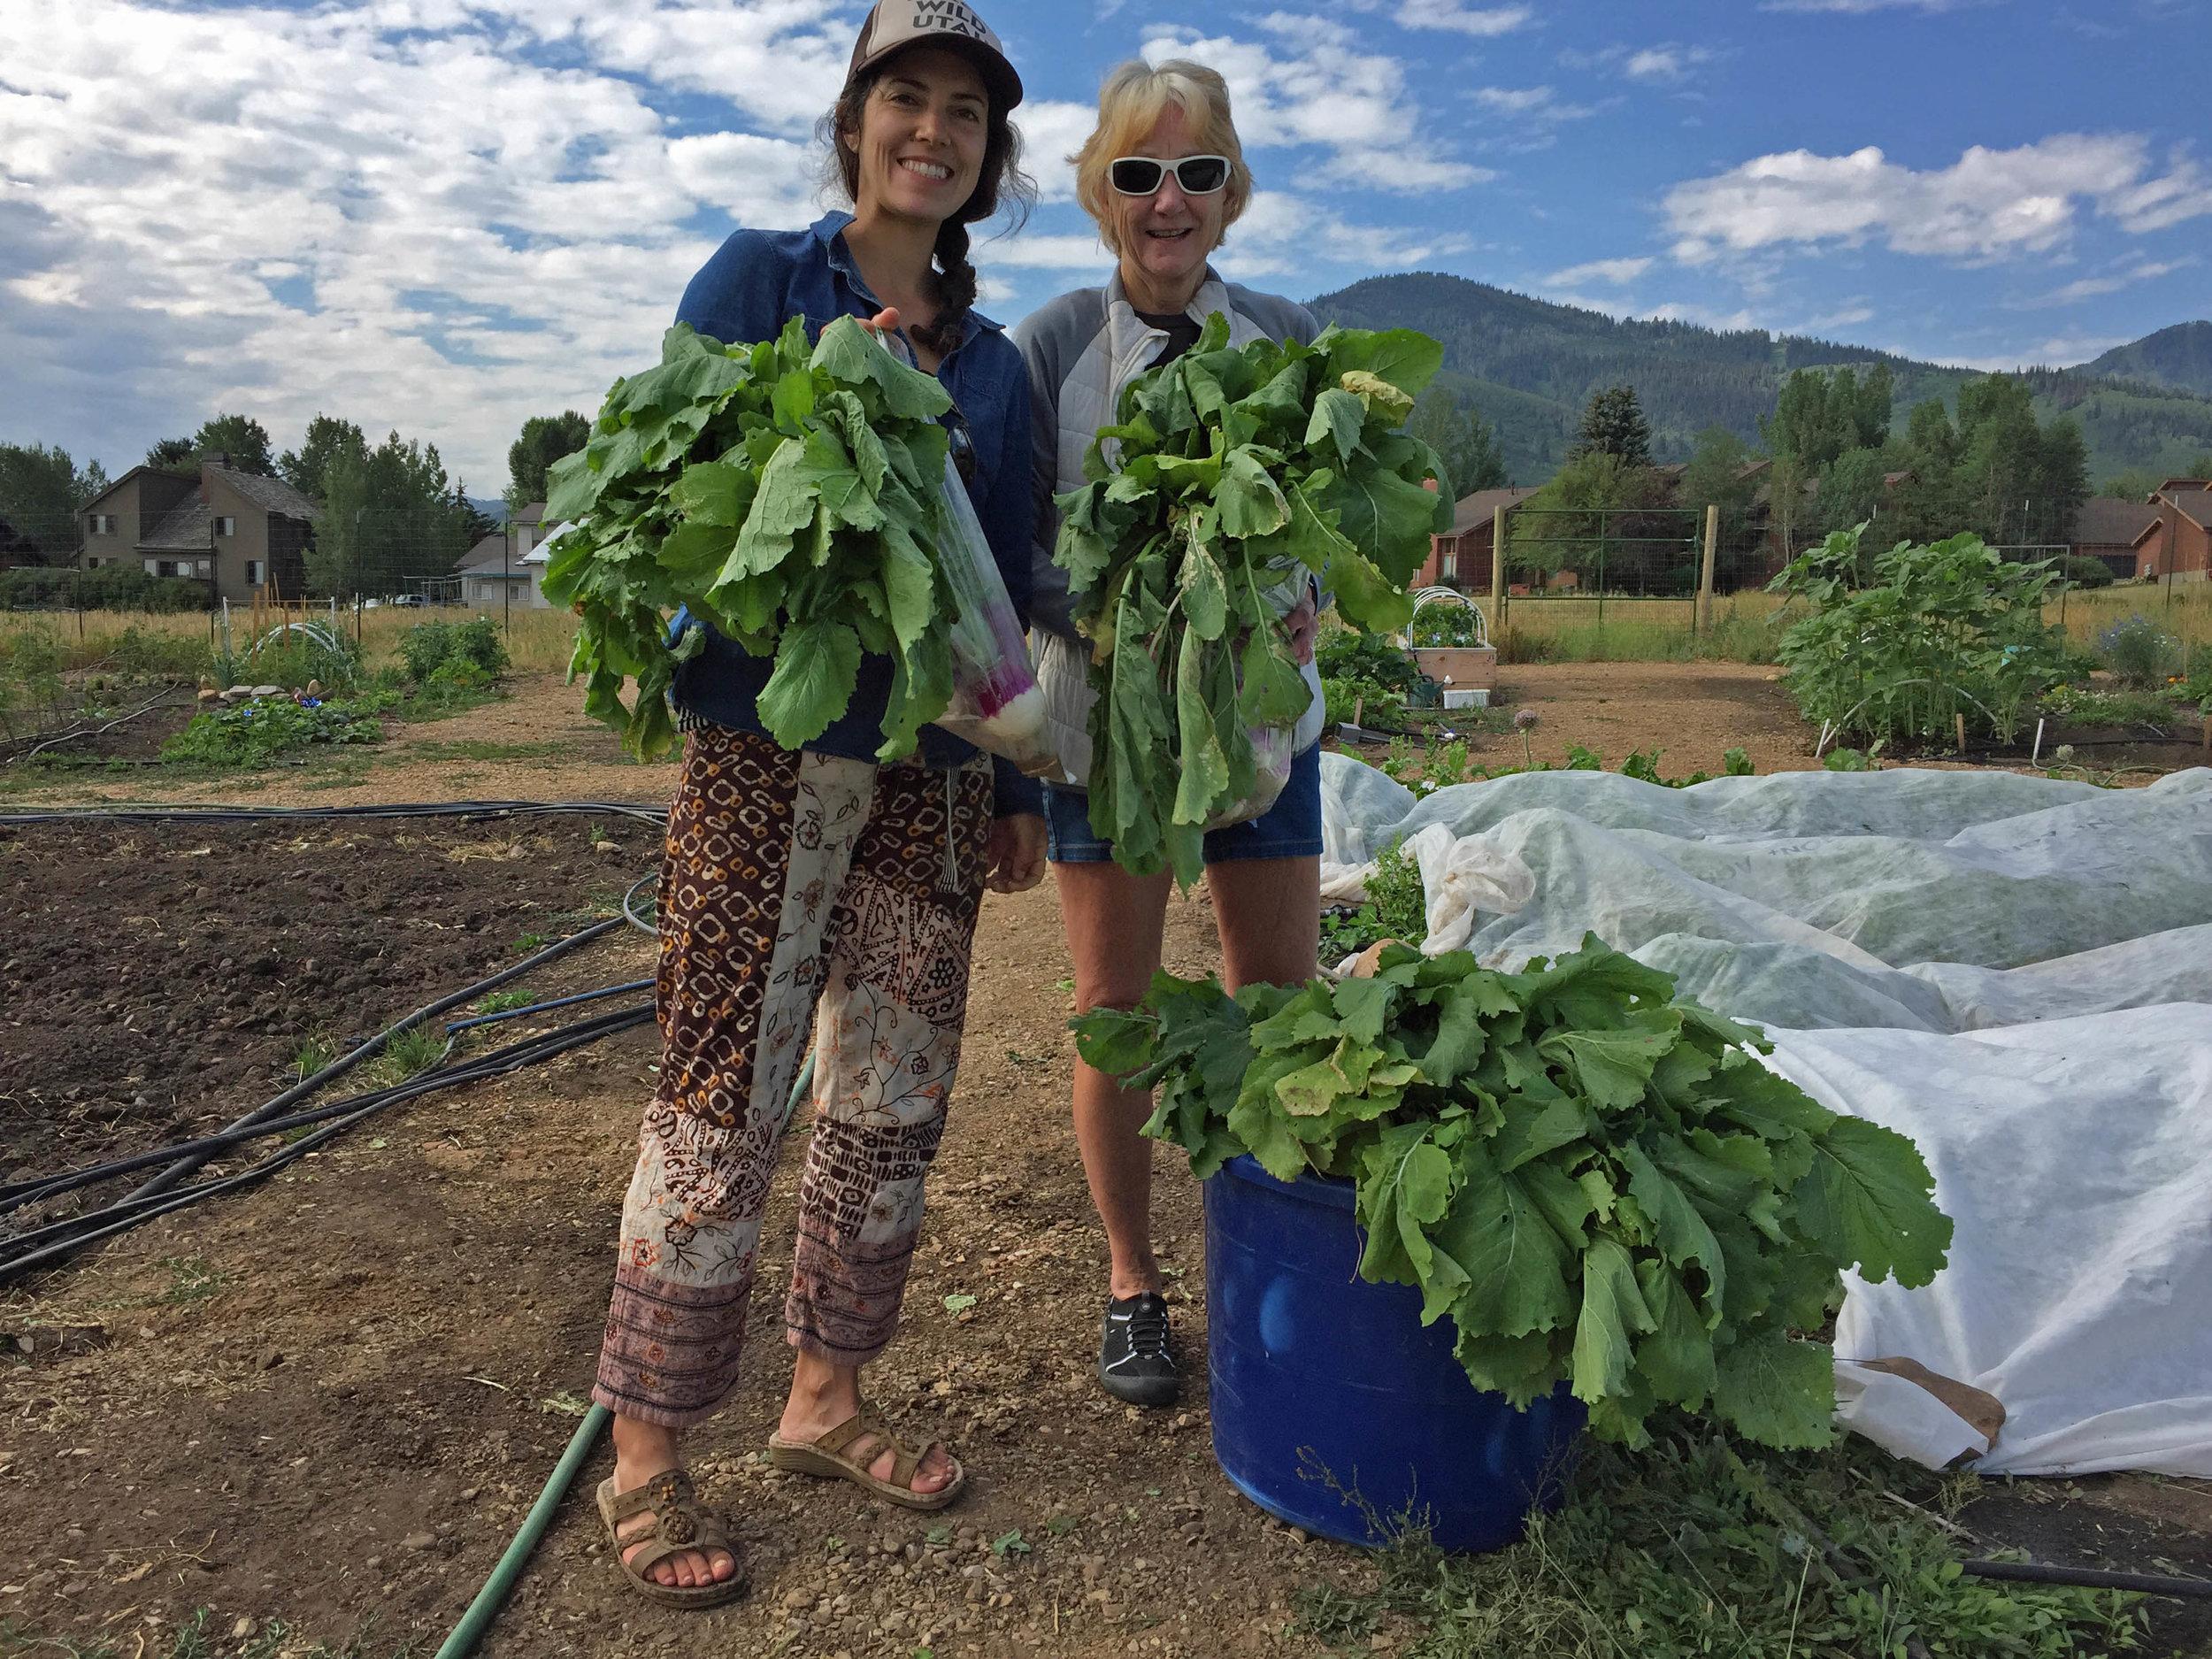 Meghan & Debby with turnips.jpg